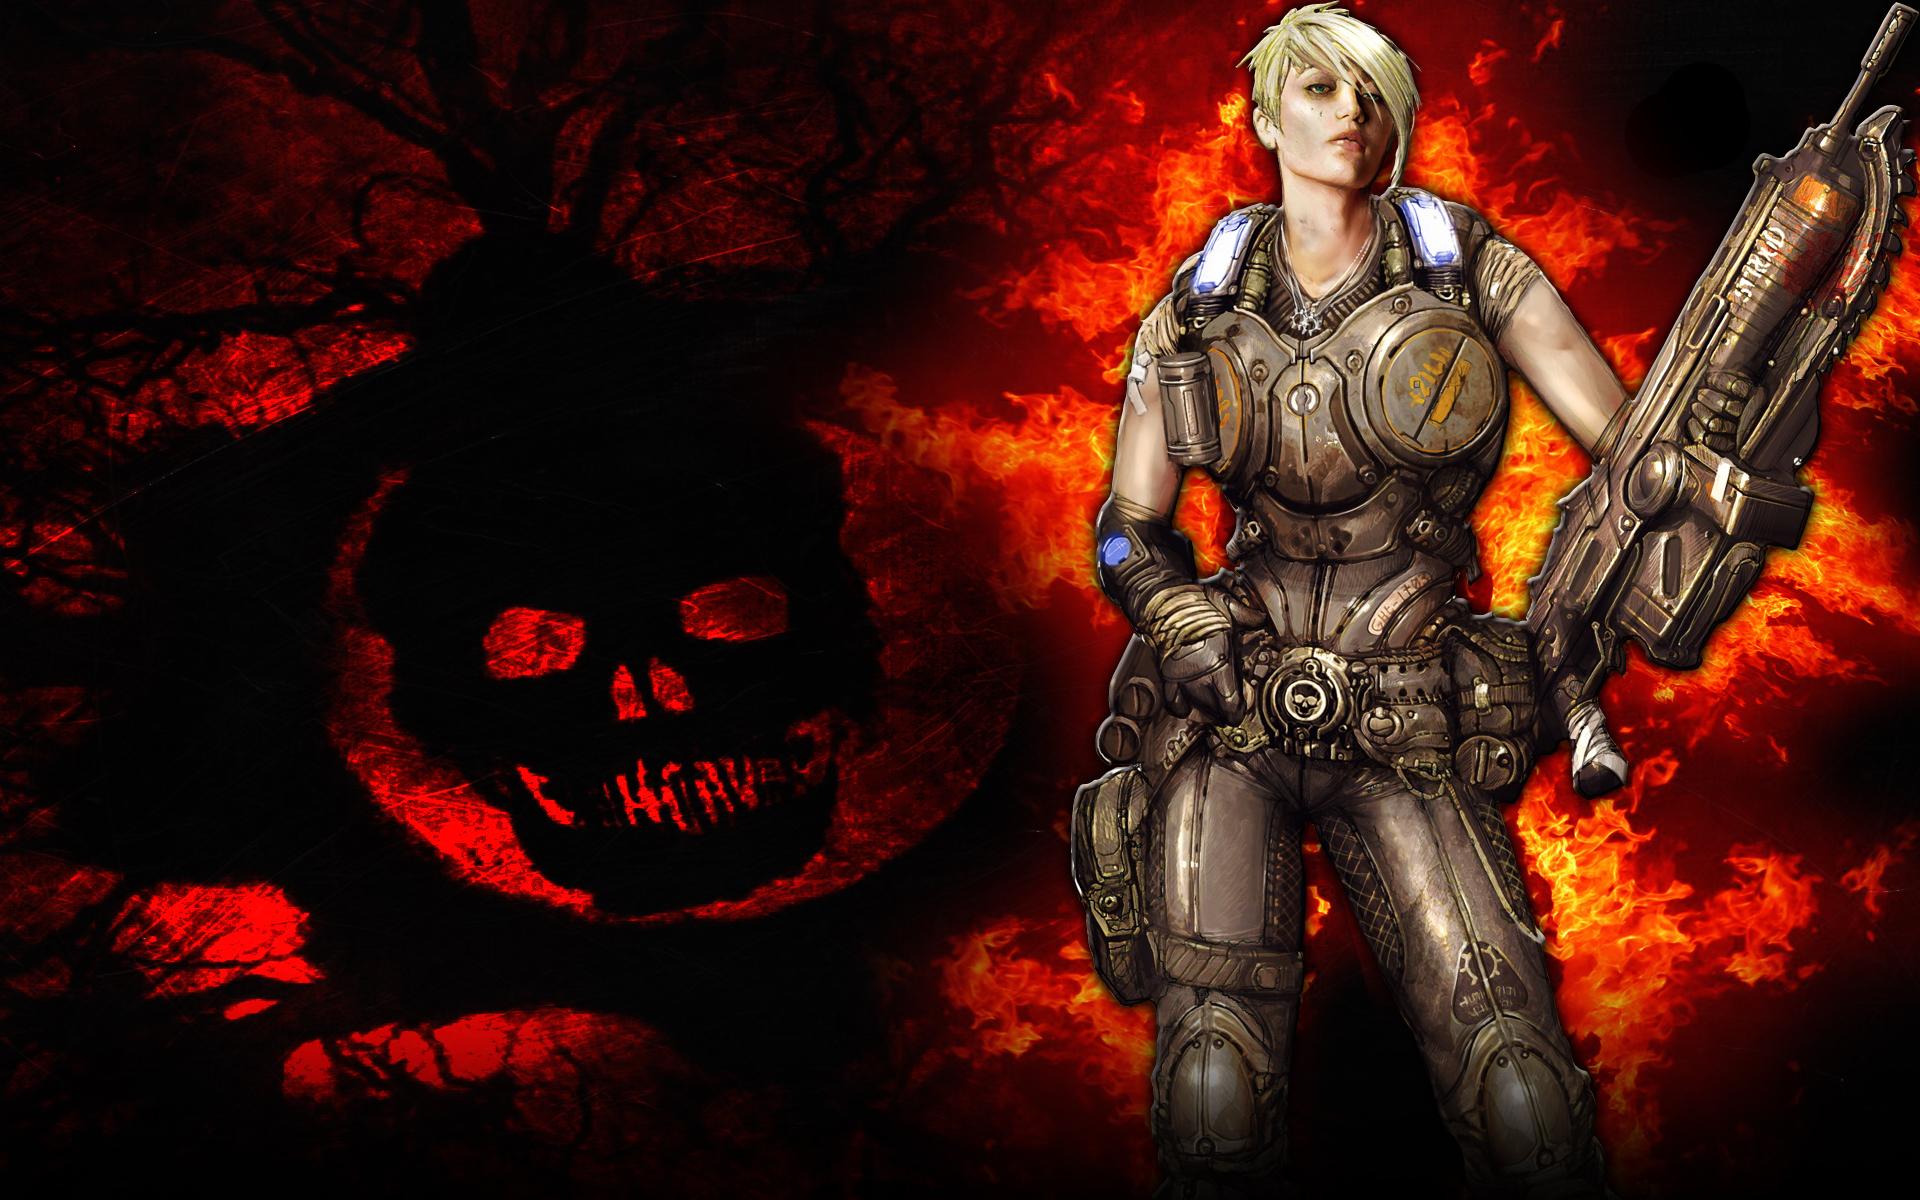 Gears of War 3 Wallpaper HD [1920x1200 ...